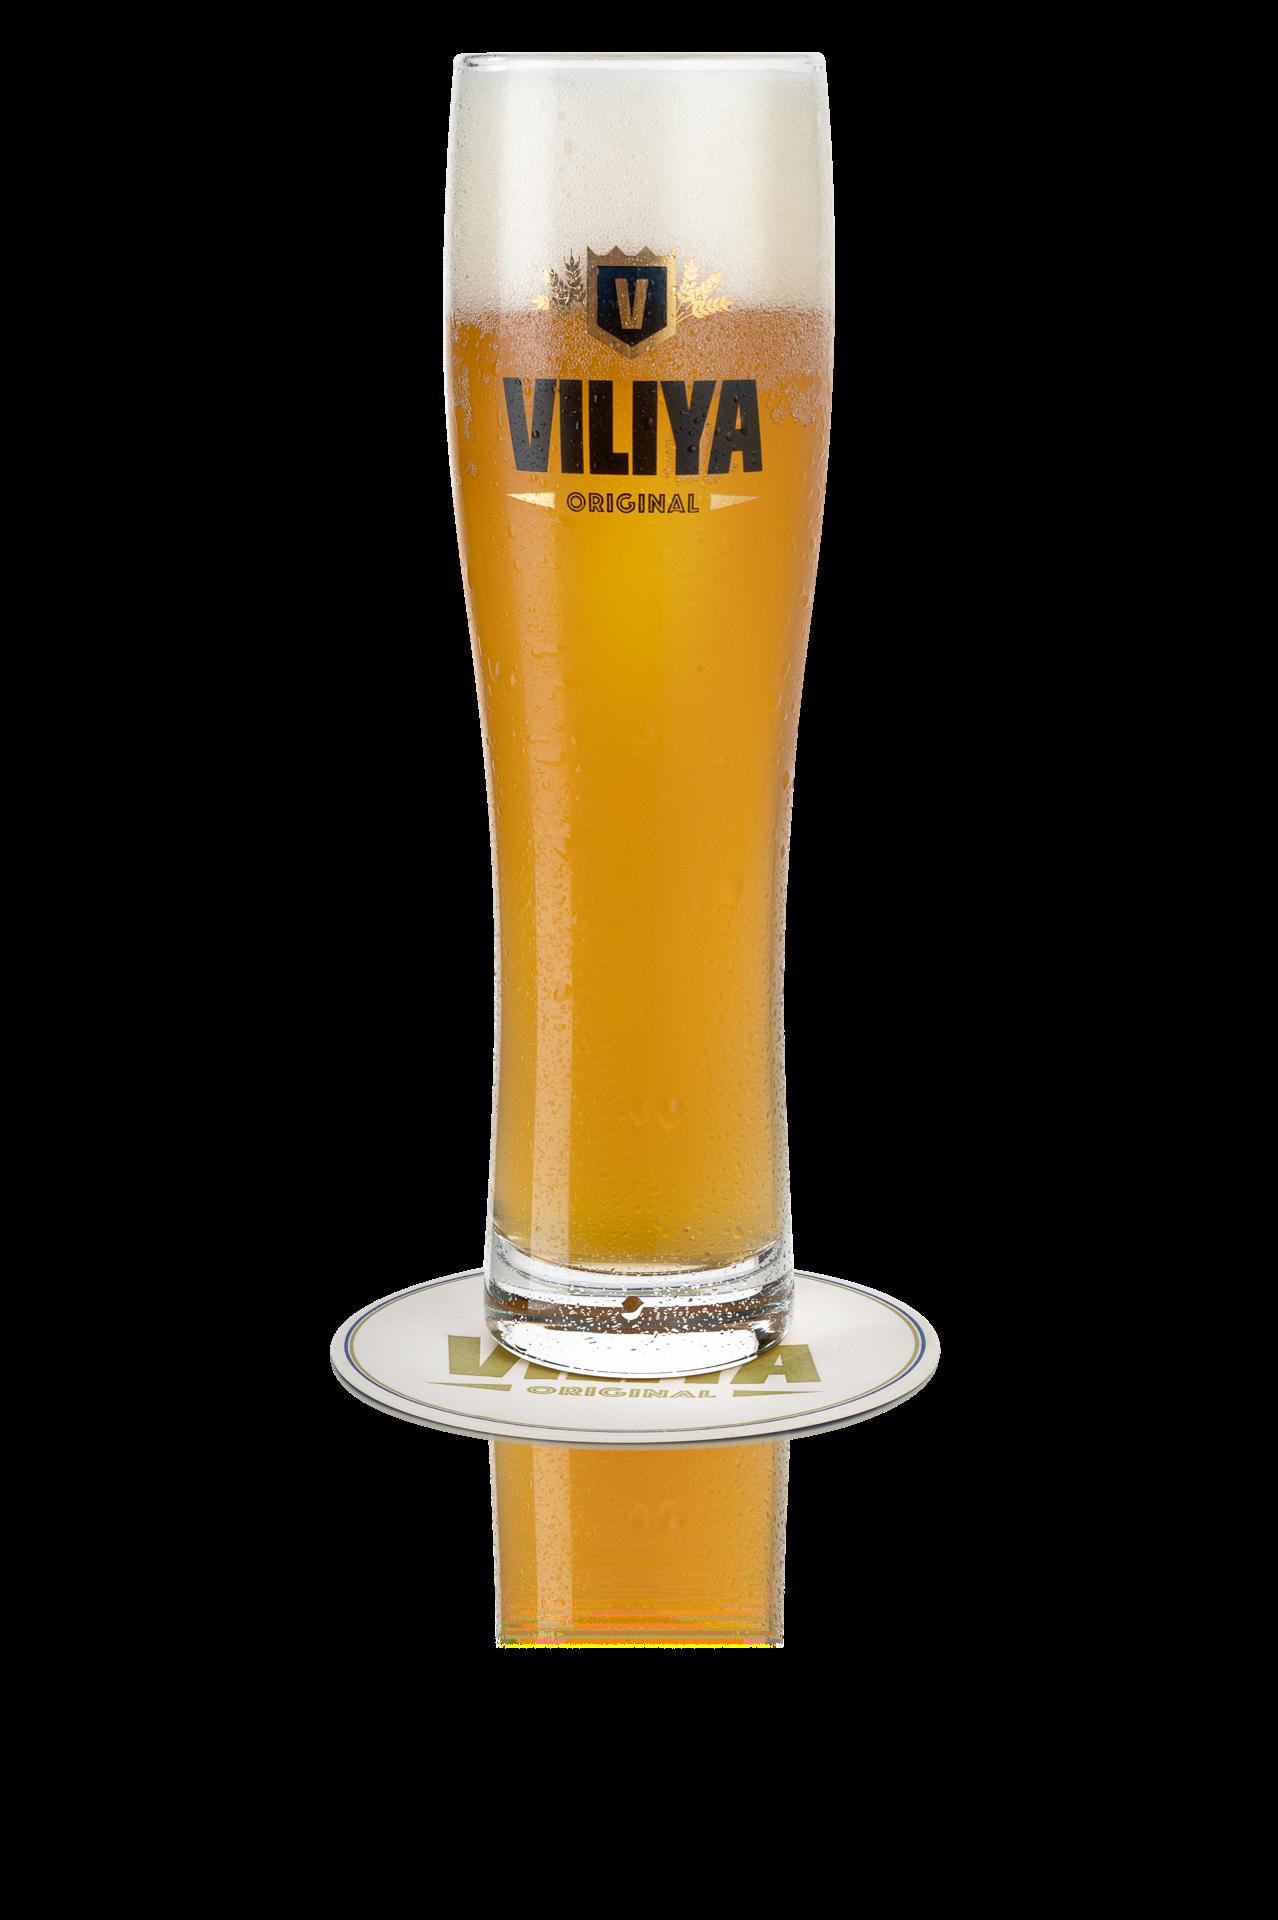 Пивоварня - image 27 09 20 07 03 1